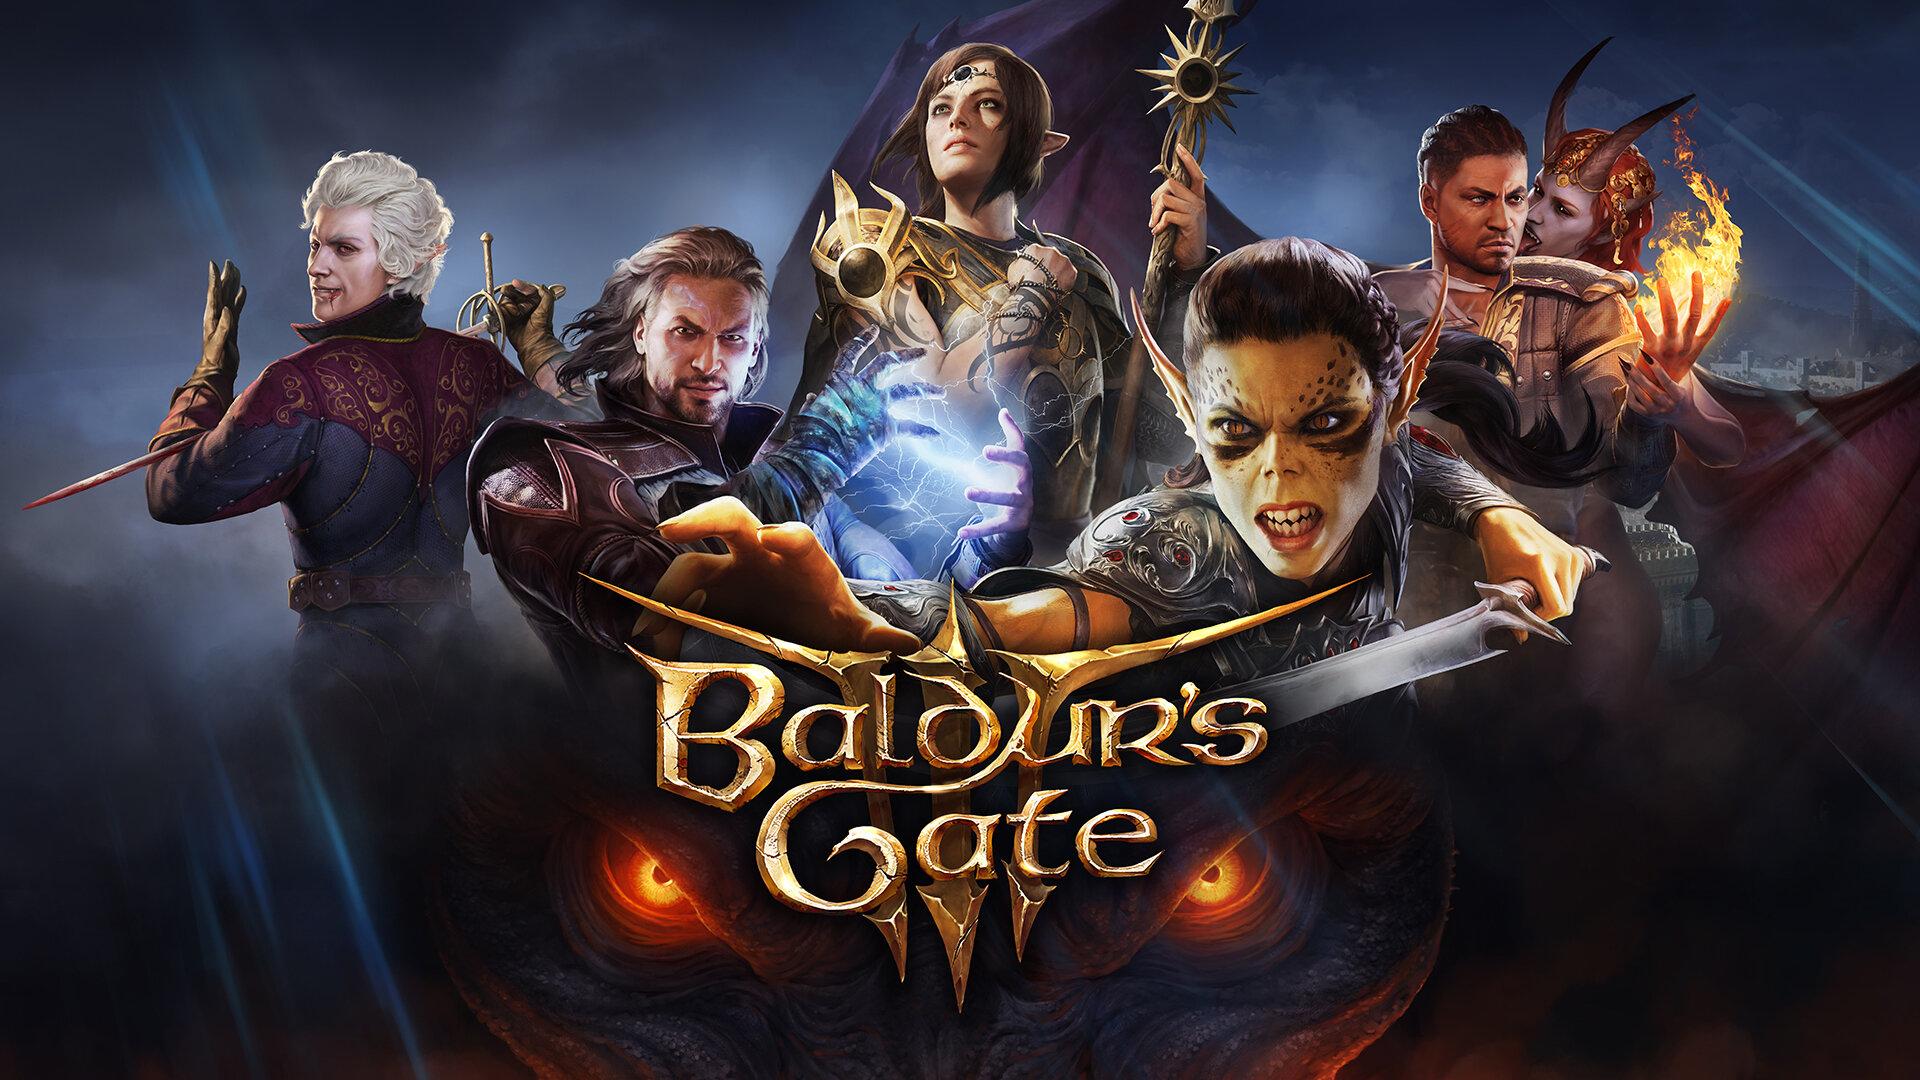 baldurs gate 3 | RPG Jeuxvidéo